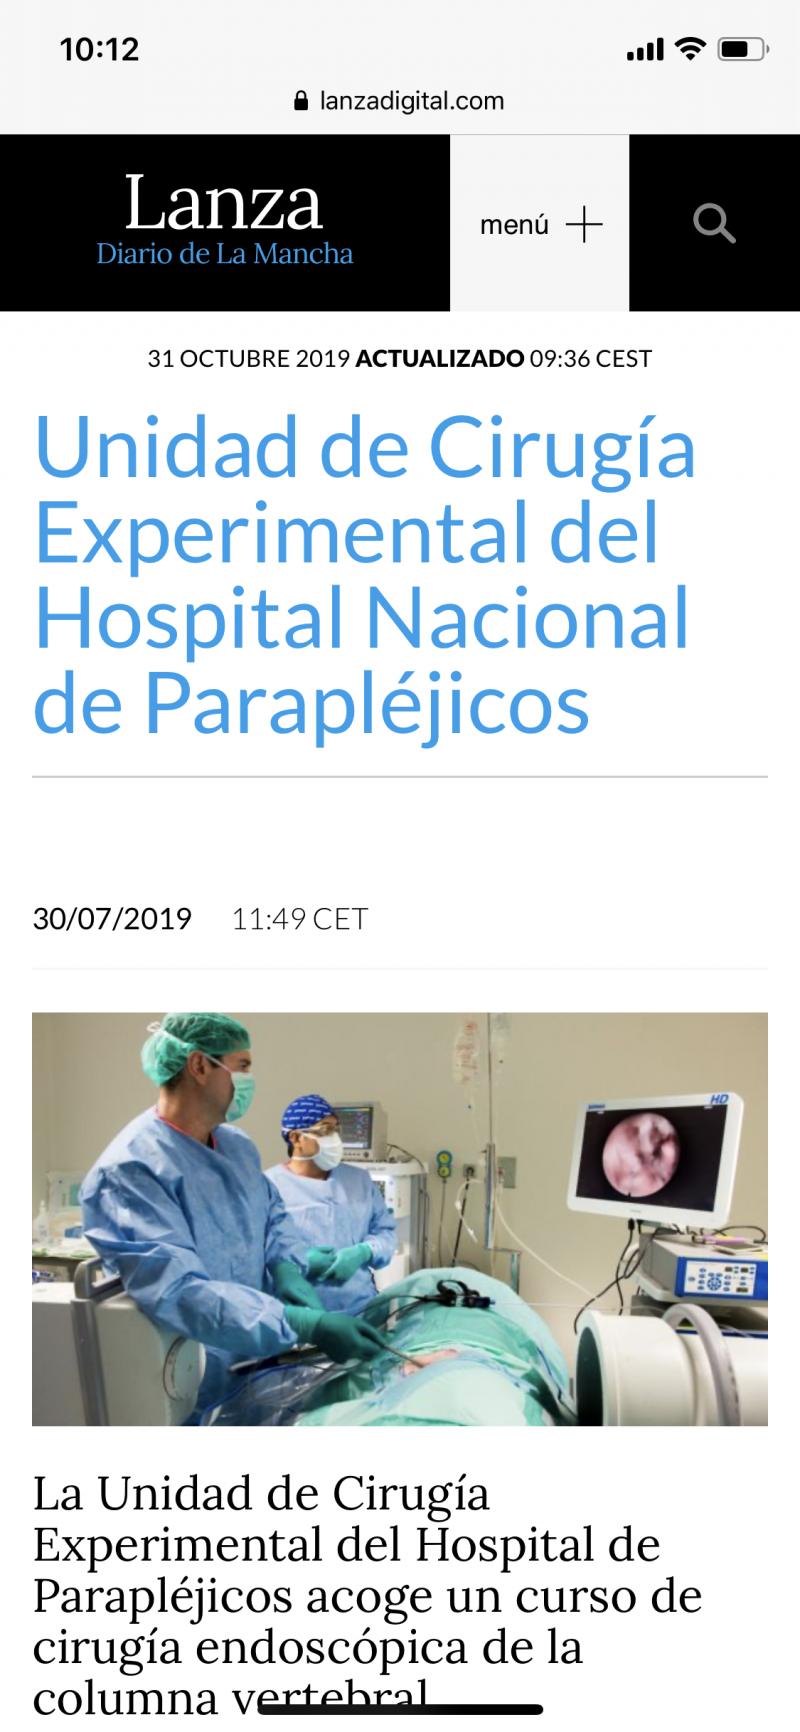 diario lanza digital Ciudad real